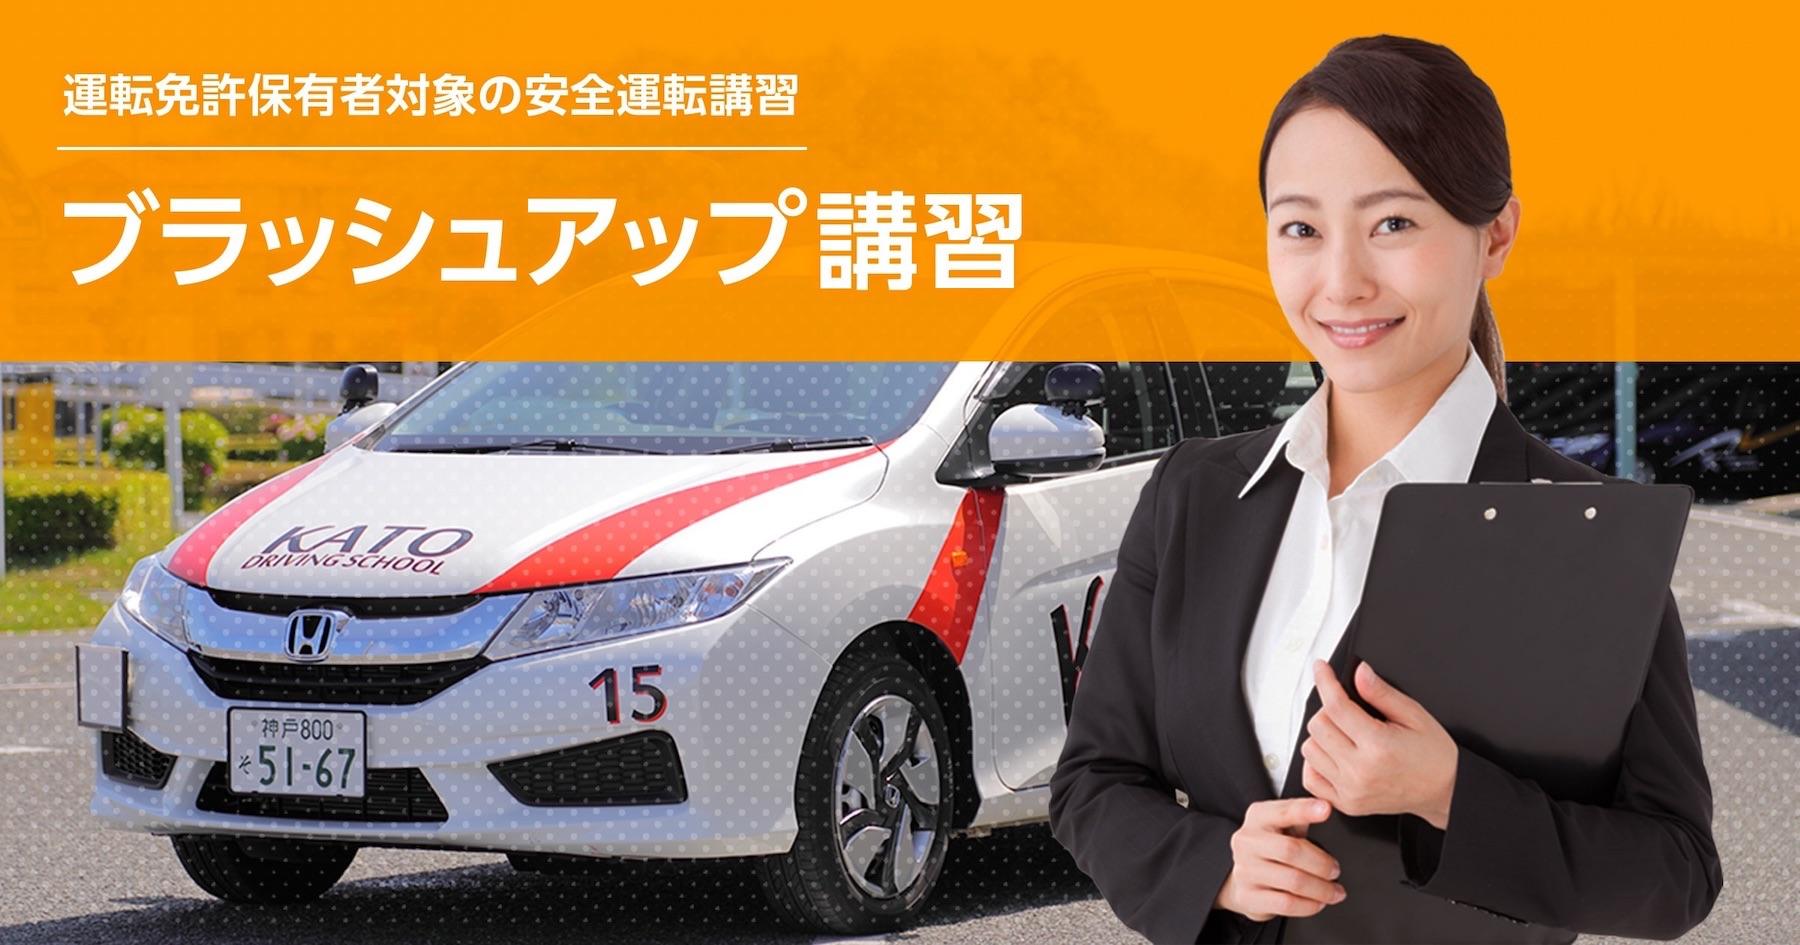 運転免許保有者対象の安全運転講習!ブラッシュアップ講習のご案内